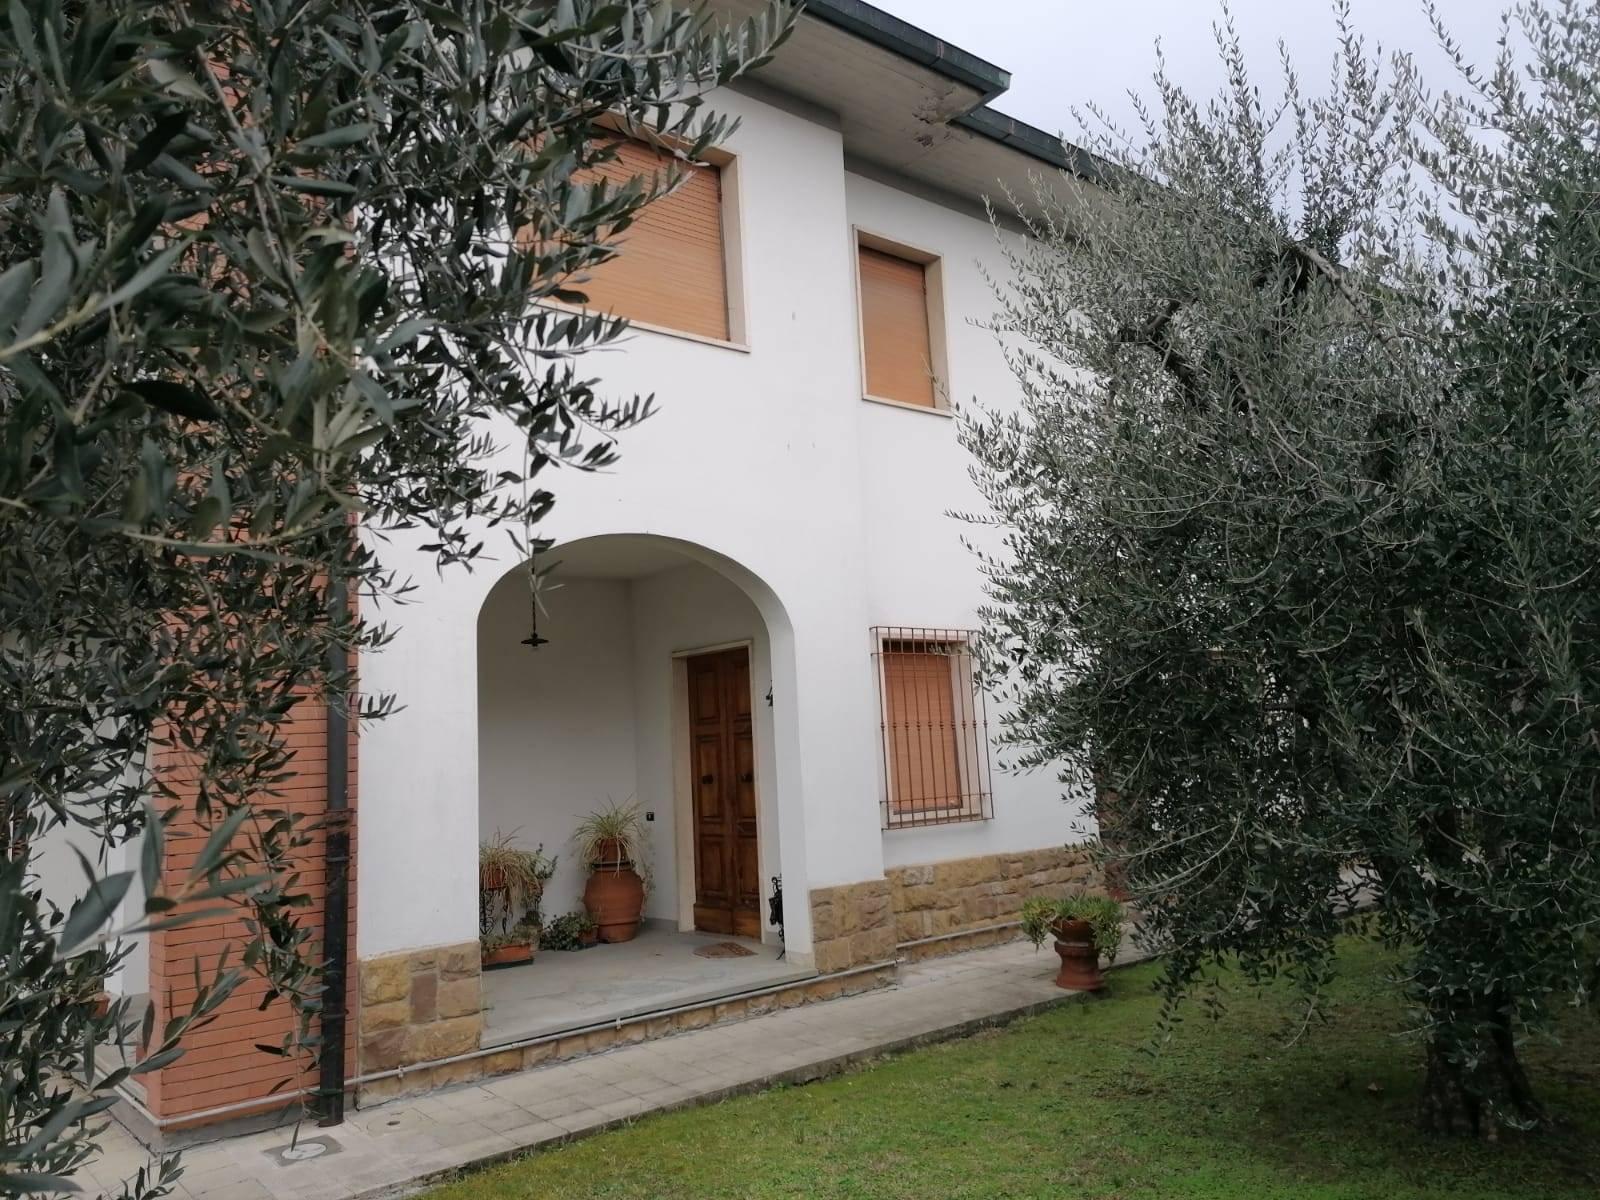 Villa in Vendita a Campi bisenzio zona  - immagine 3